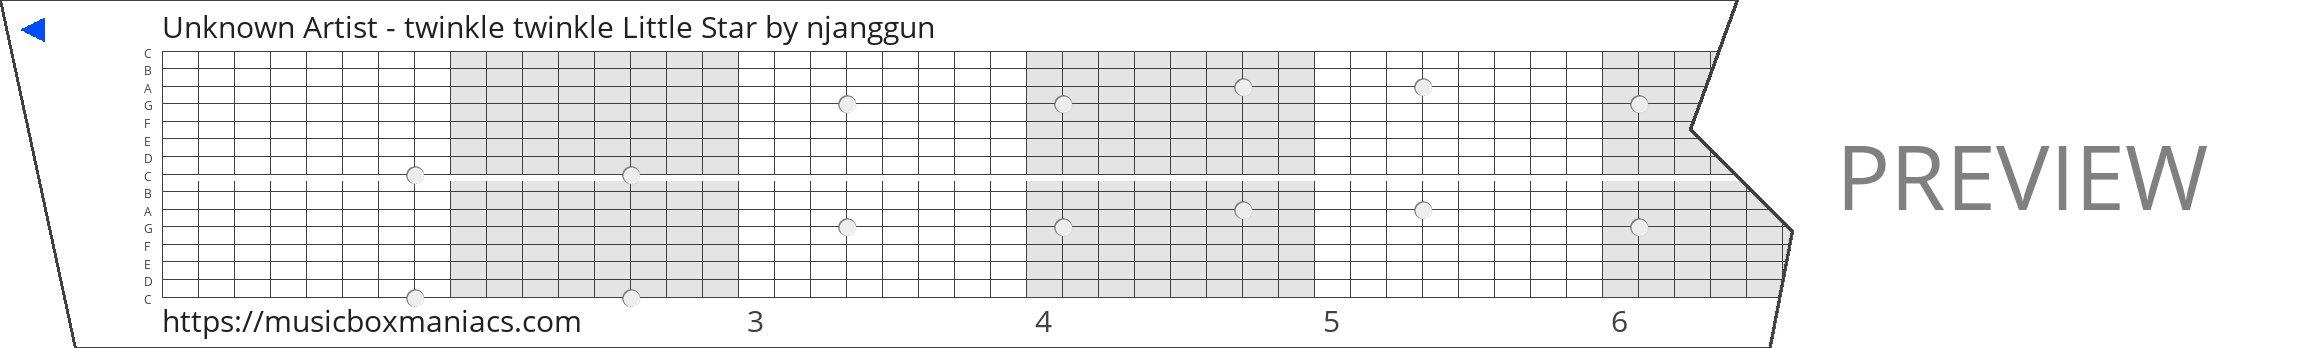 Unknown Artist - twinkle twinkle Little Star 15 note music box paper strip